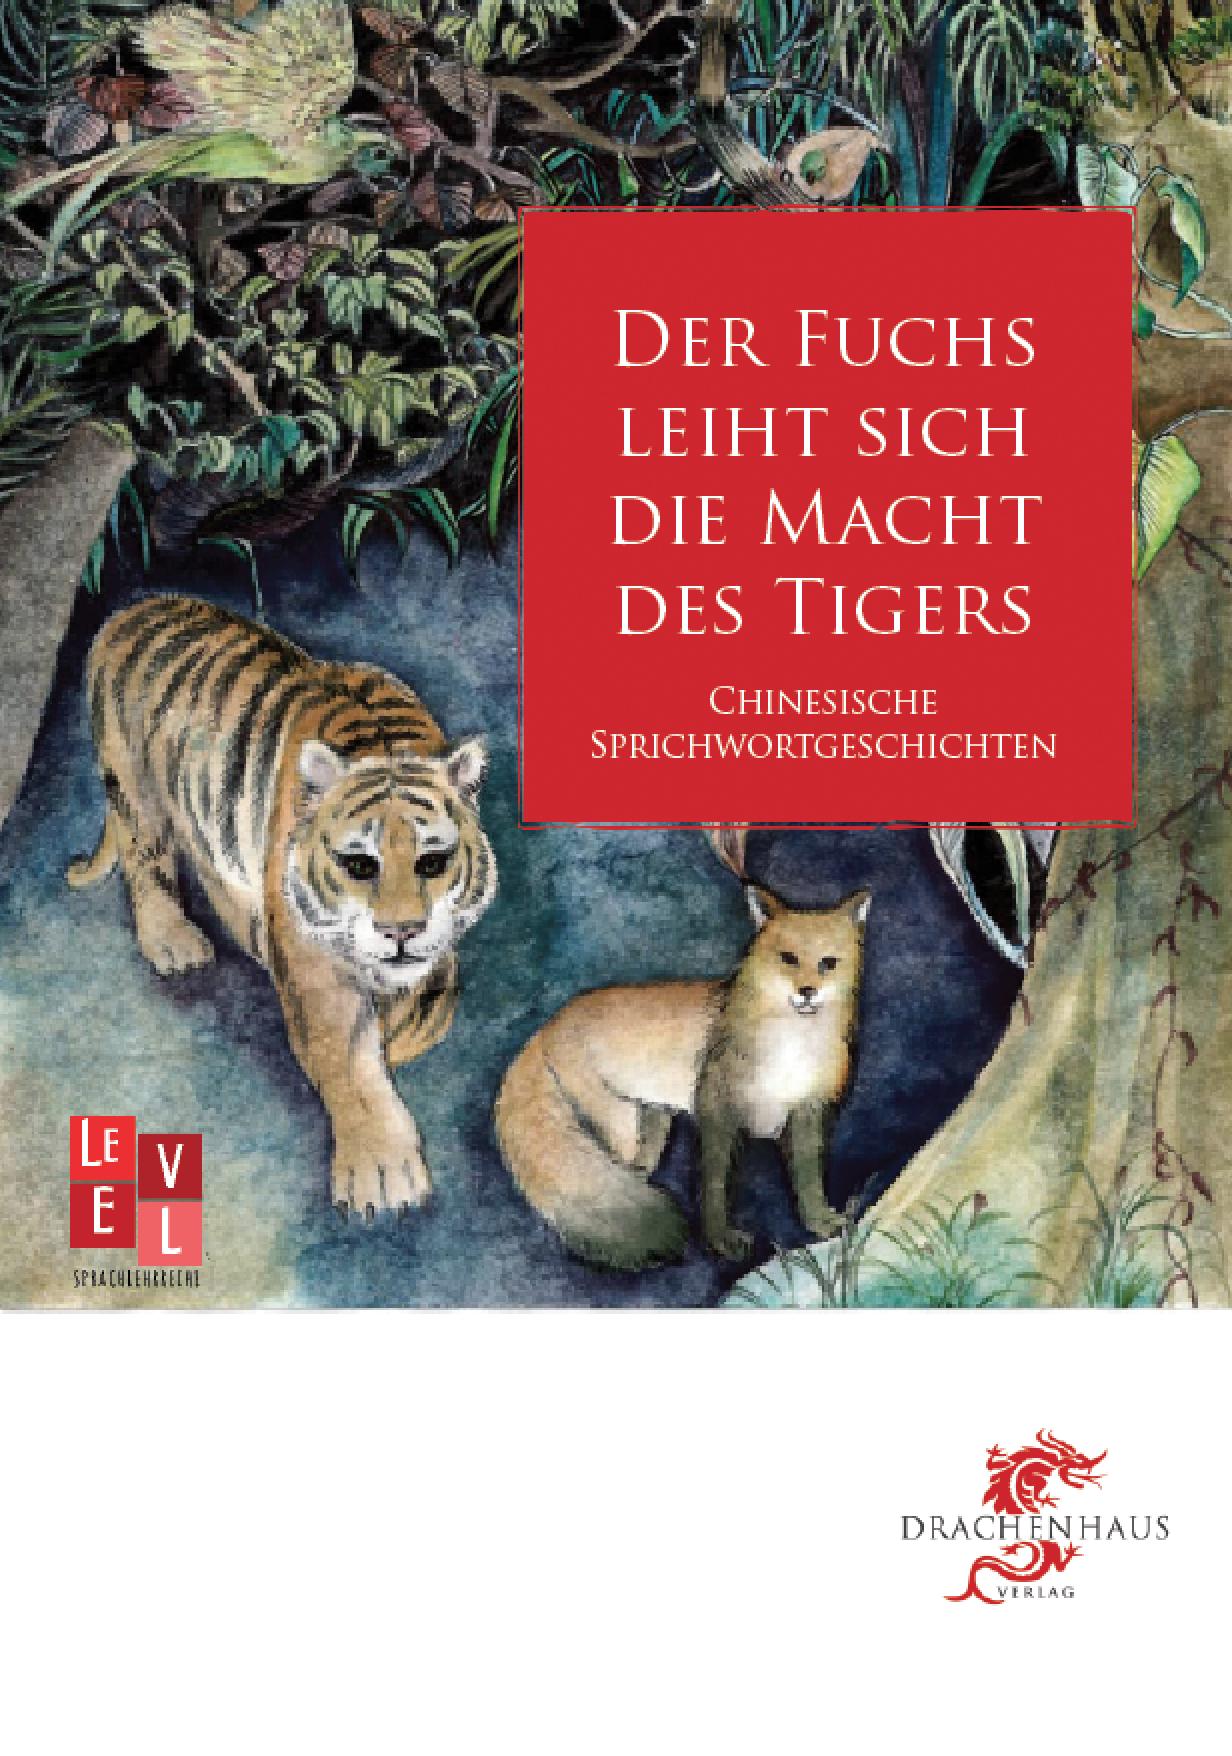 Der Fuchs leiht sich die Macht des Tigers